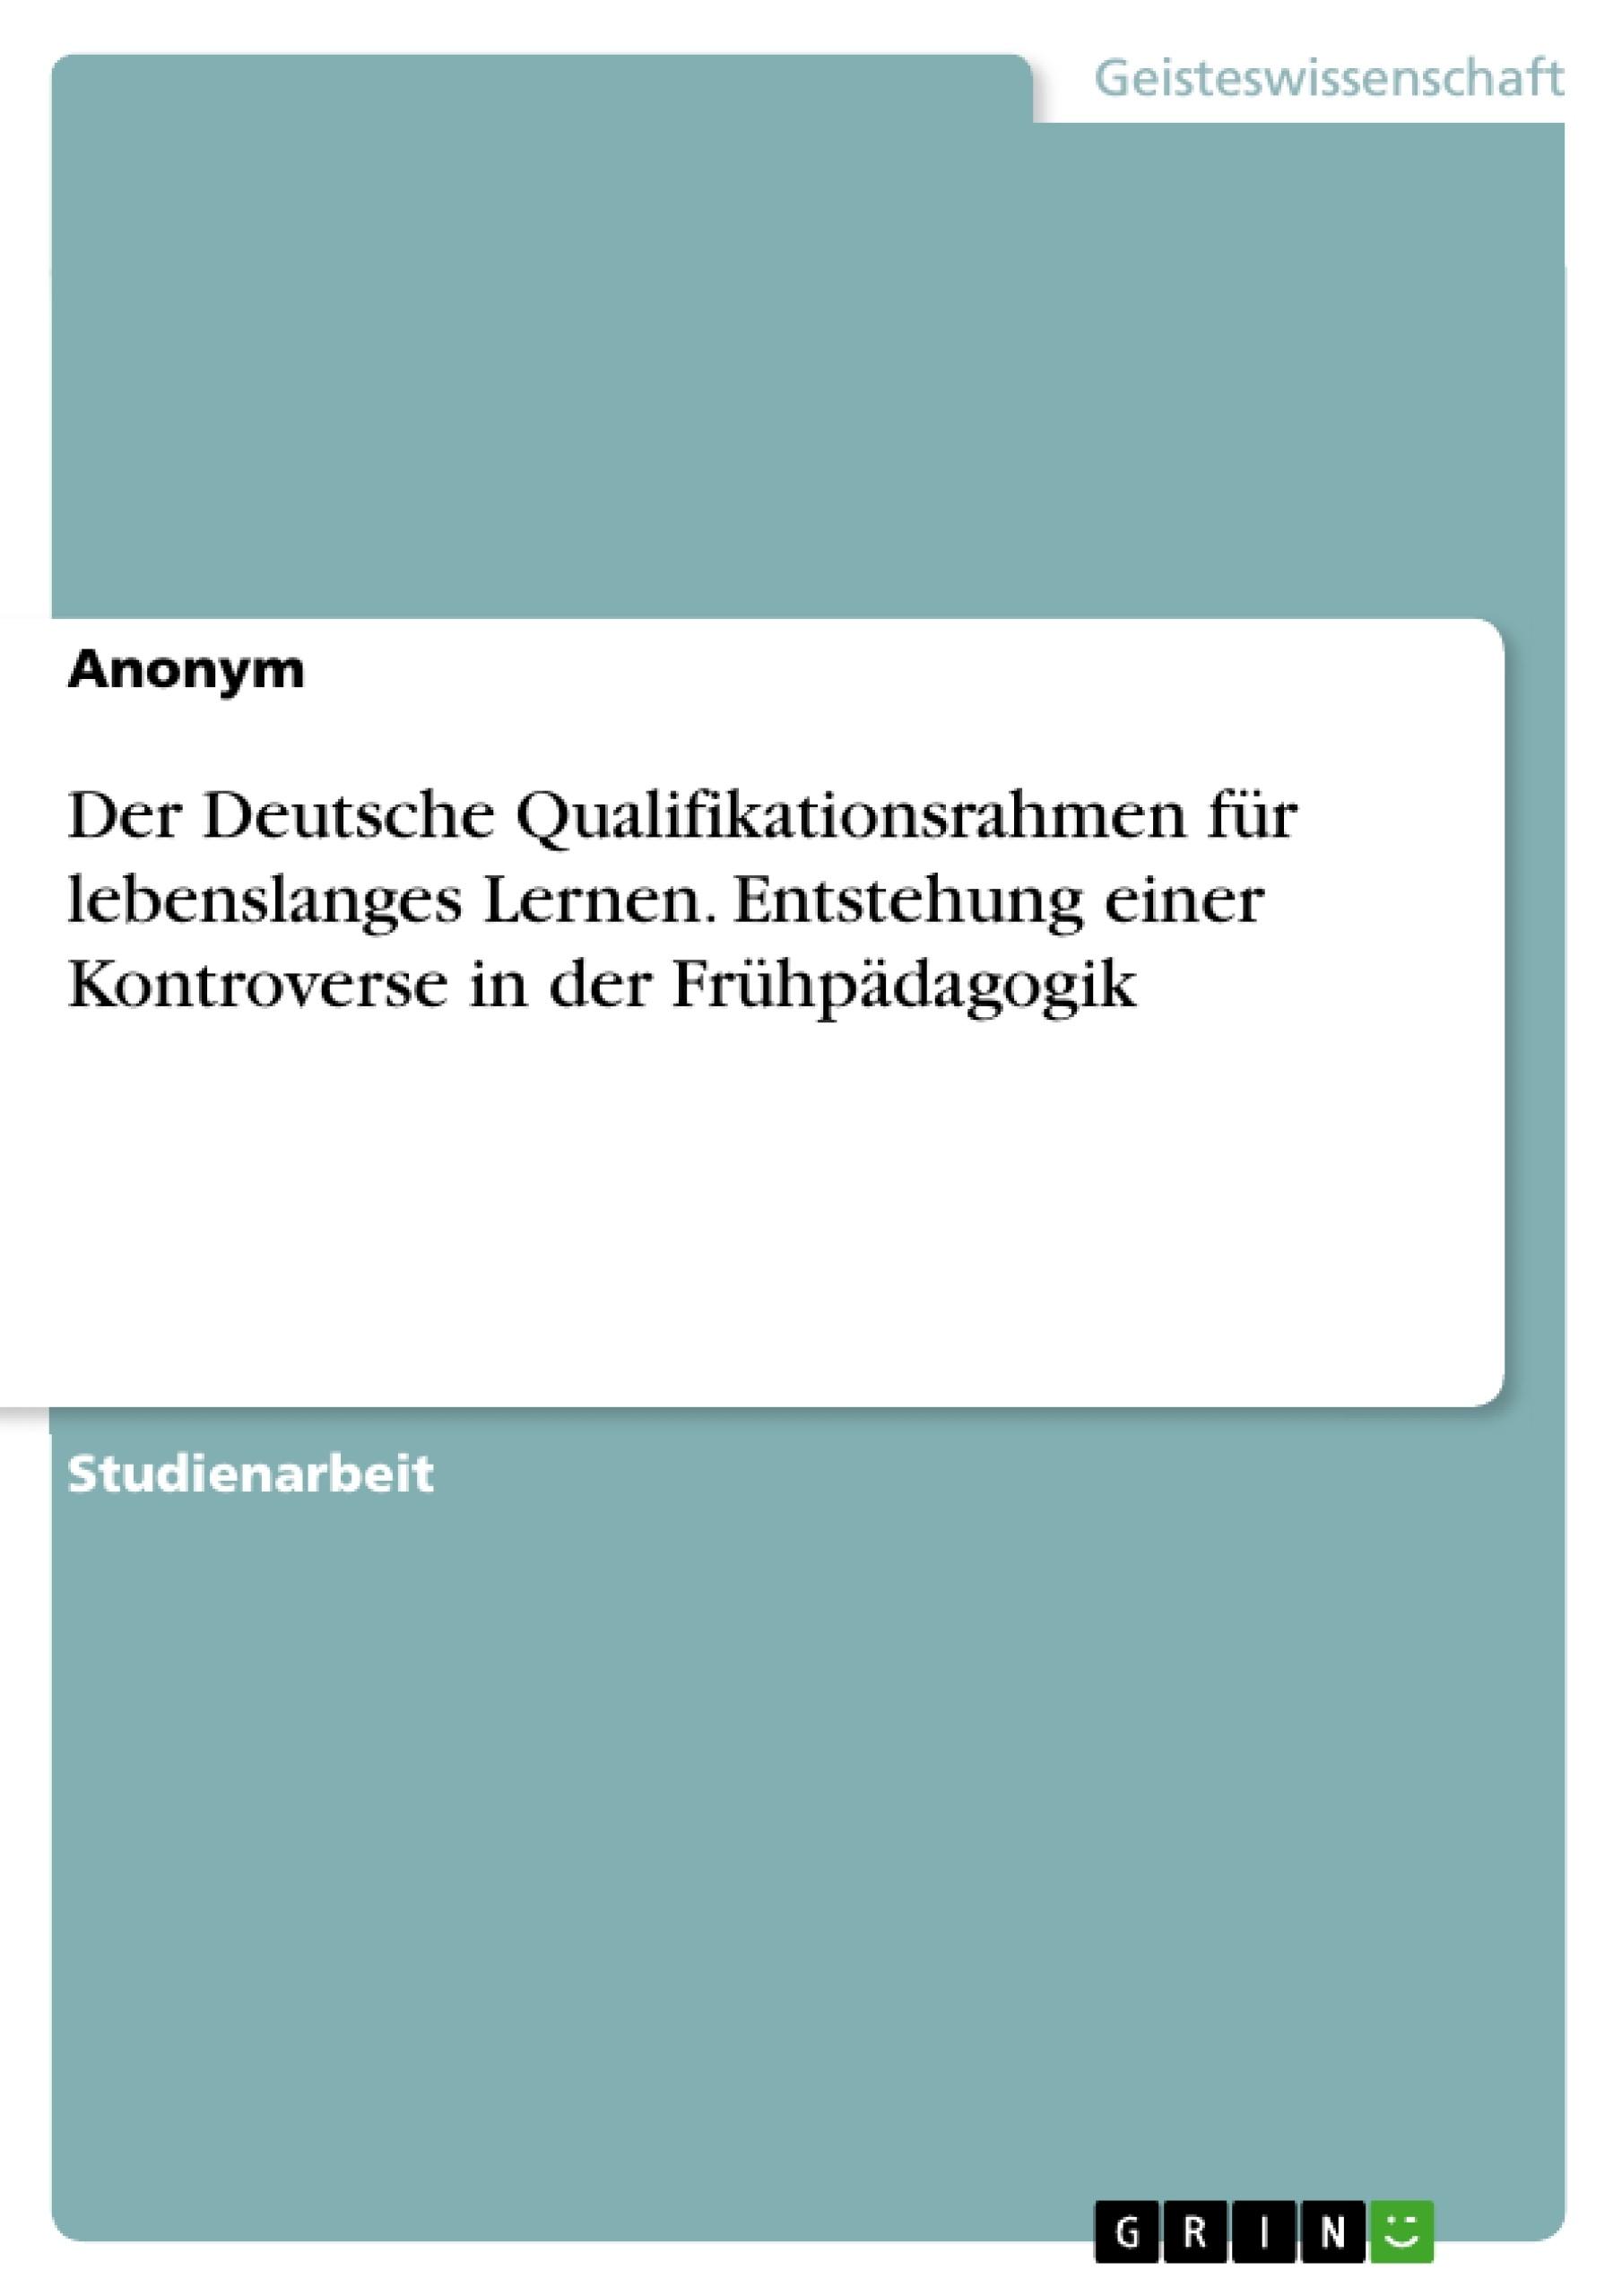 Titel: Der Deutsche Qualifikationsrahmen für lebenslanges Lernen. Entstehung einer Kontroverse in der Frühpädagogik